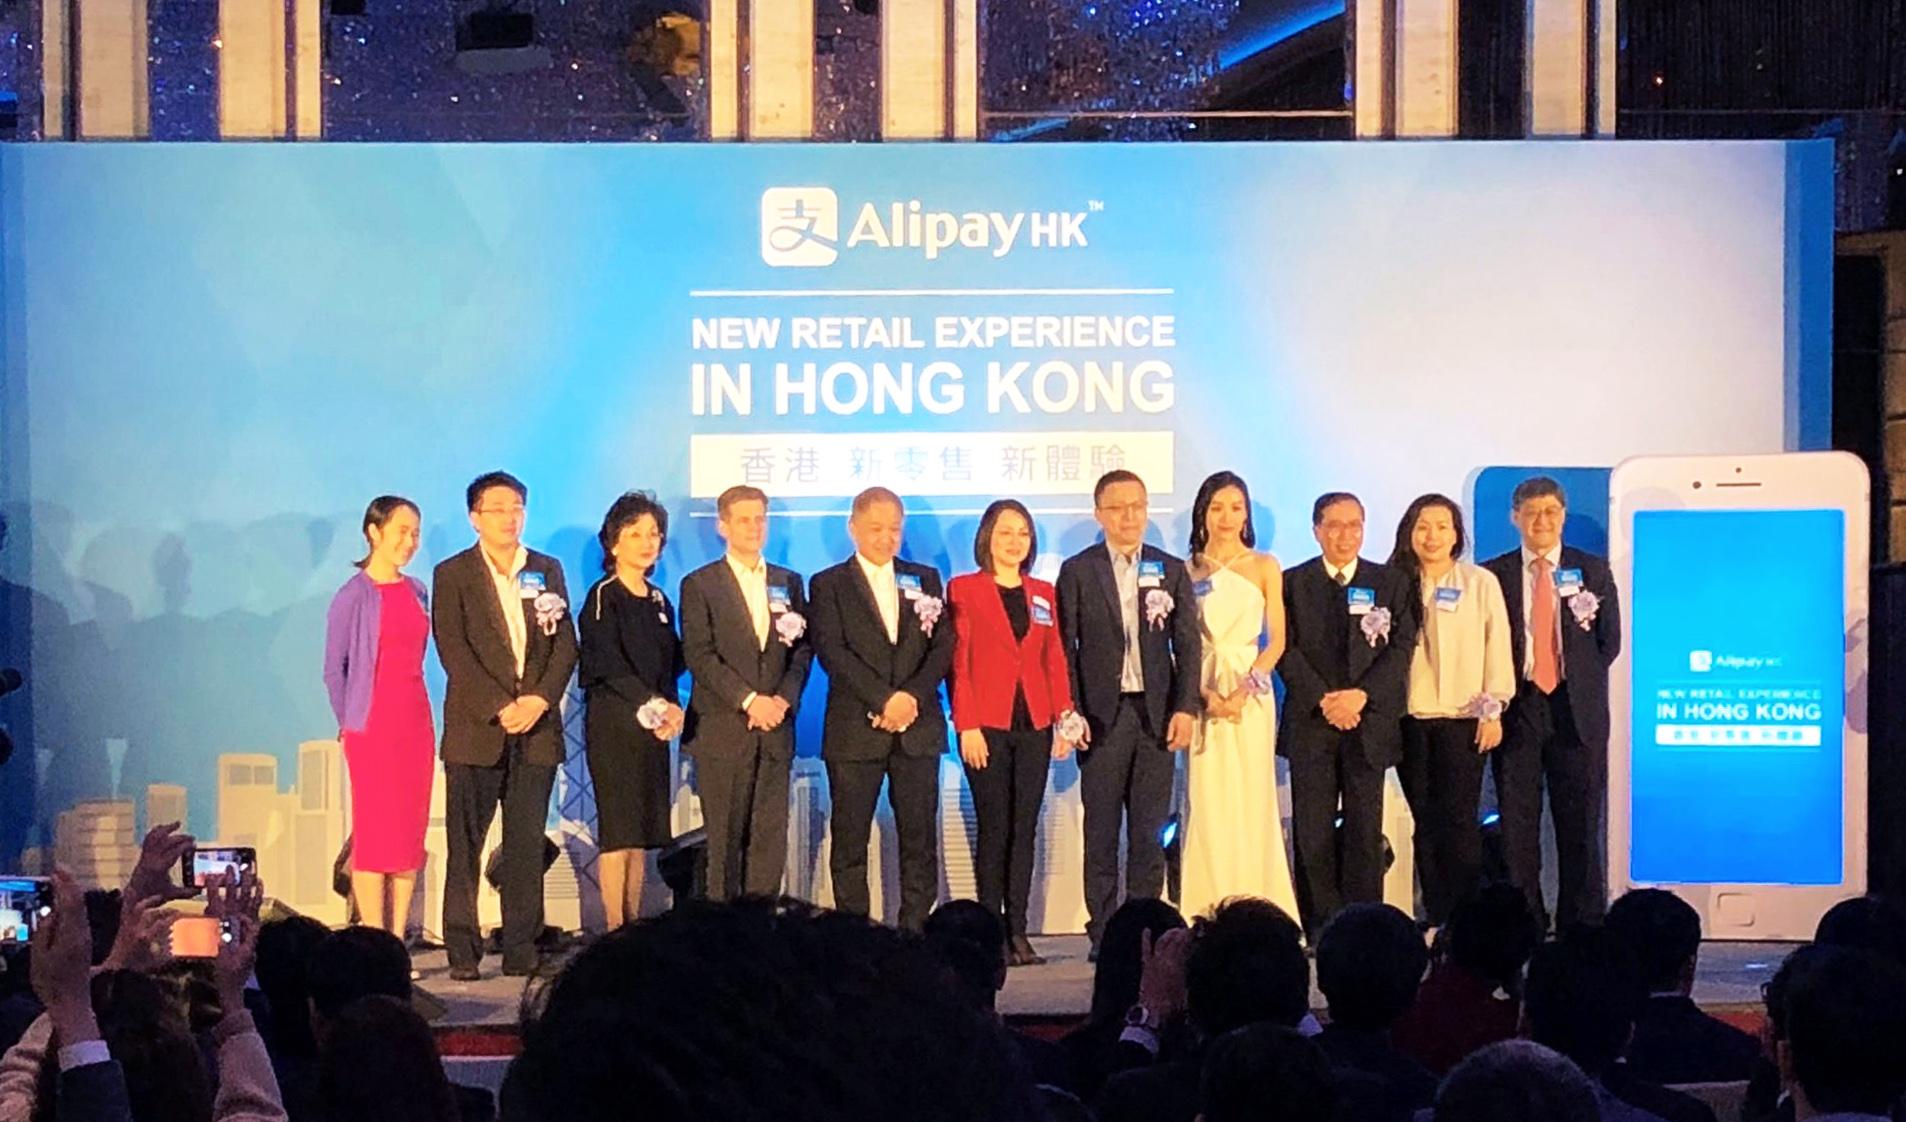 數奕(COD Payment) 很高興能繼續擔任支付寶HK (Alipay HK) 在香港的首個線上合作伙伴,致力提供支付一體化服務平台。